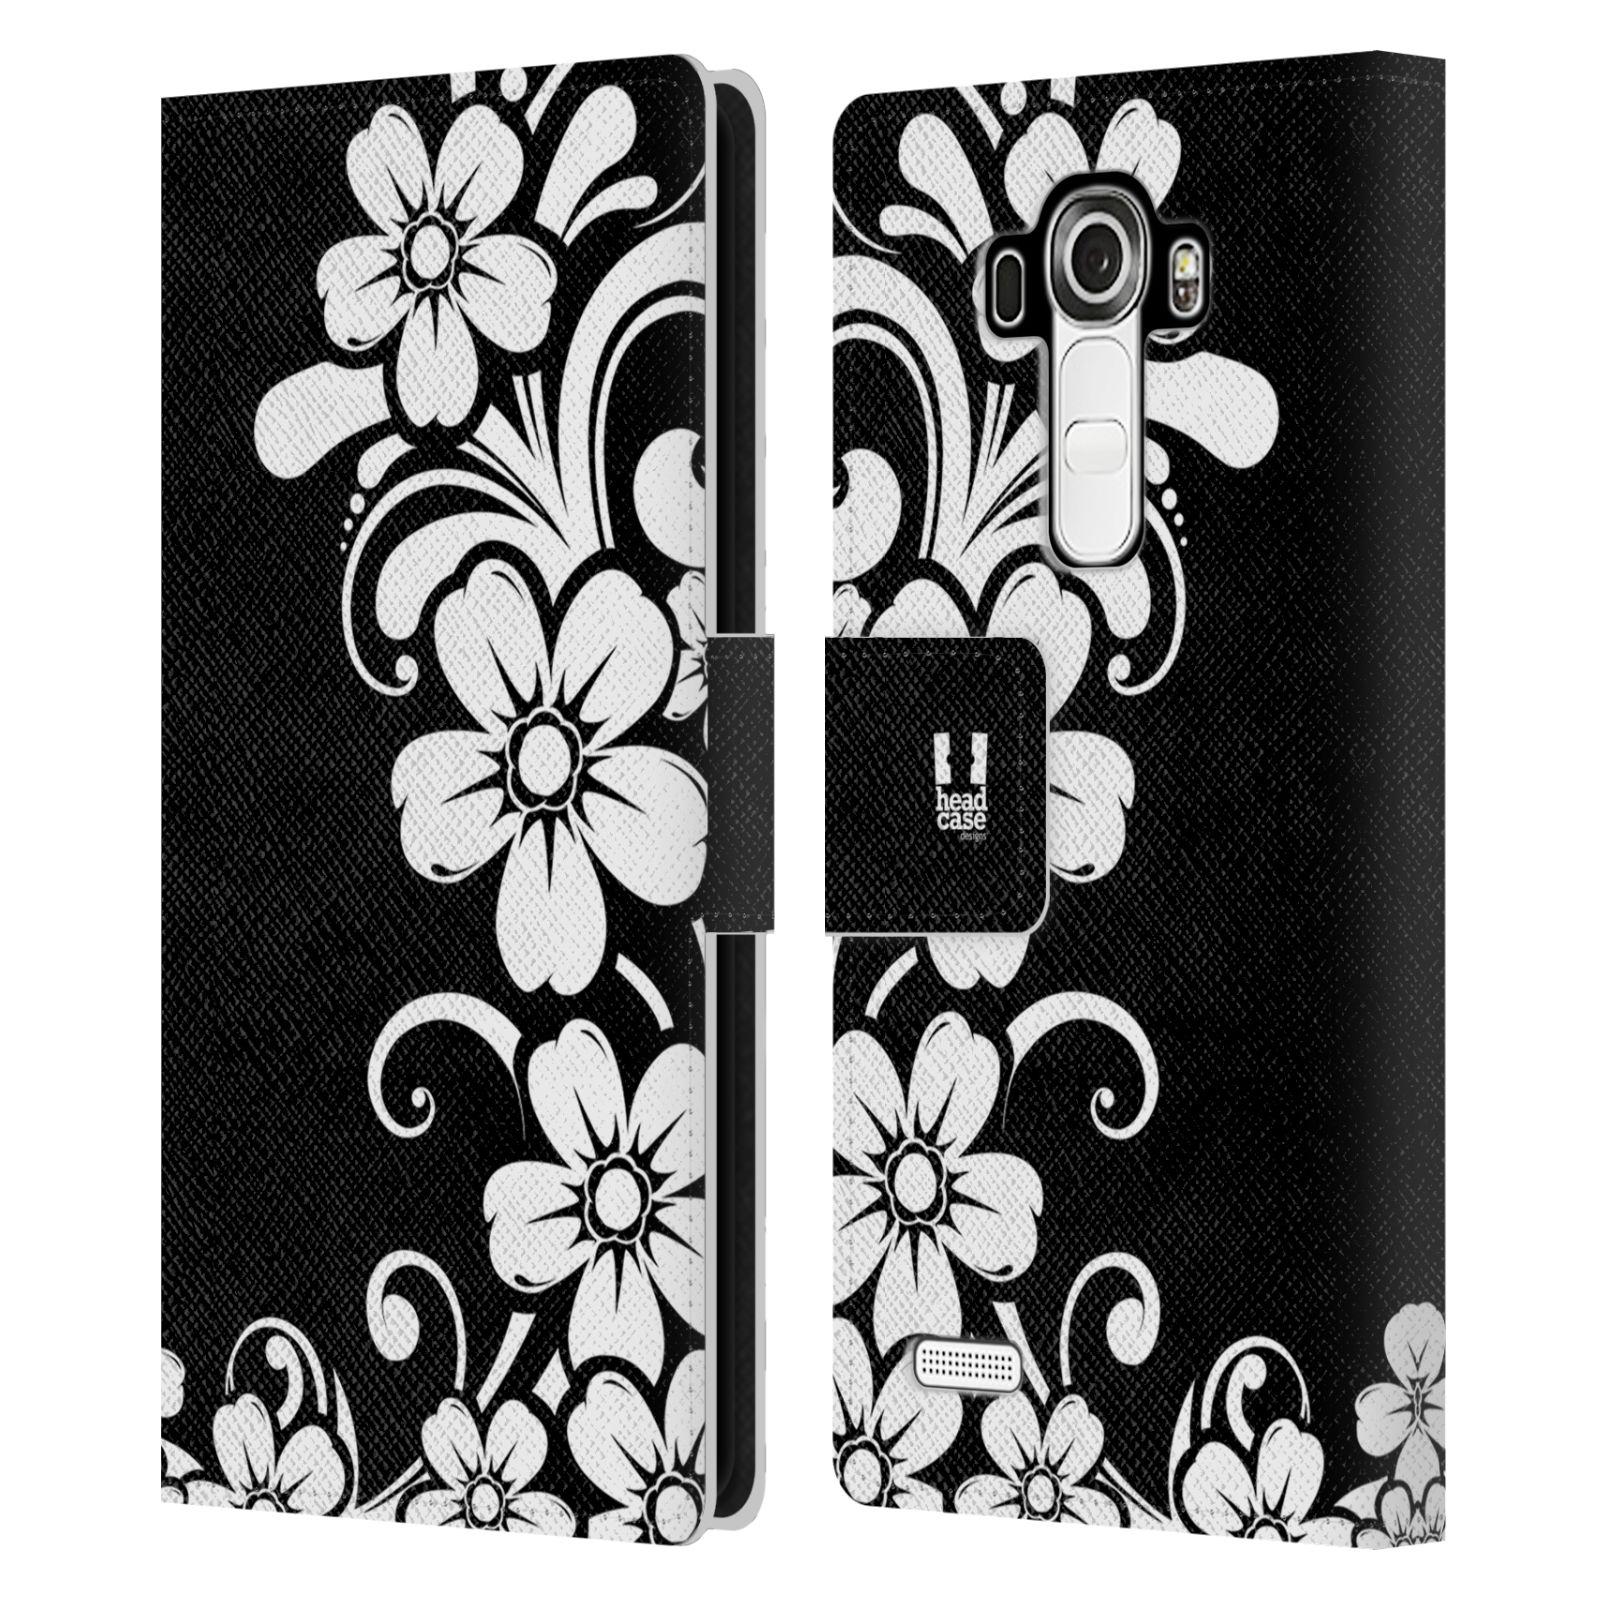 HEAD CASE Flipové pouzdro pro mobil LG G4 (H815) ČERNOBÍLÁ KVĚTINA květ